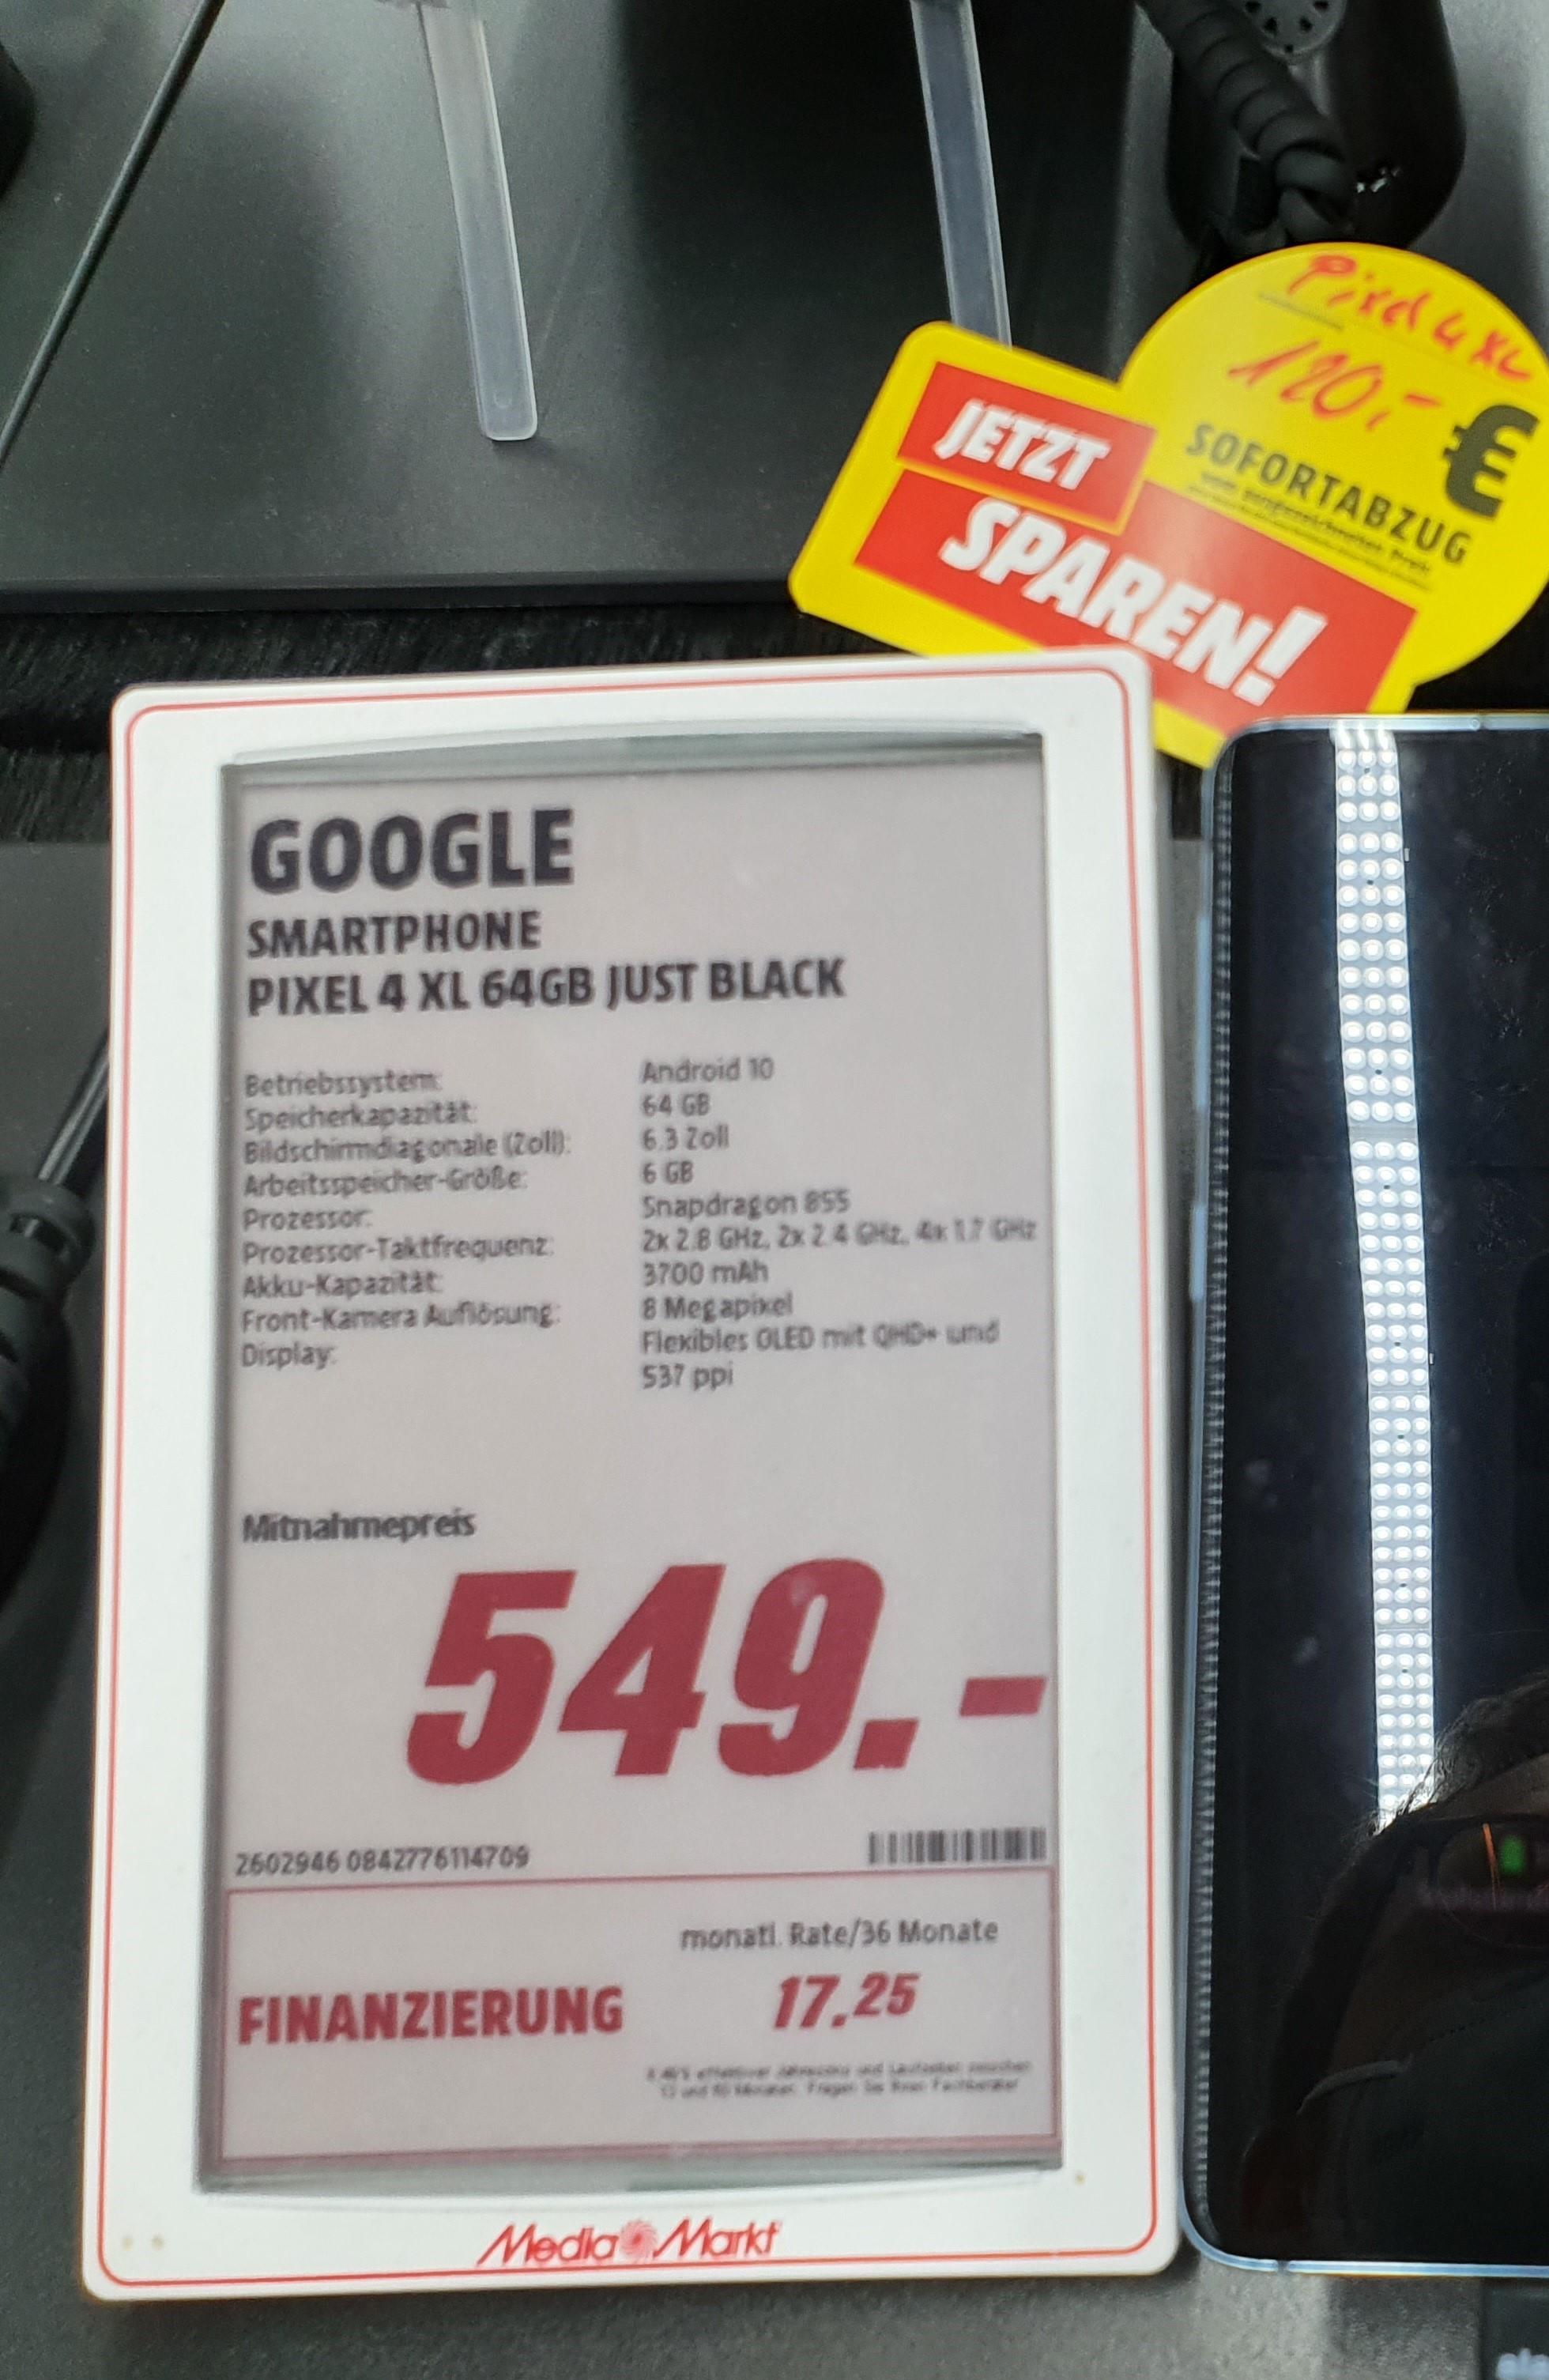 Lokal - [MediaMarkt Böblingen] Google Pixel 4 XL 64GB